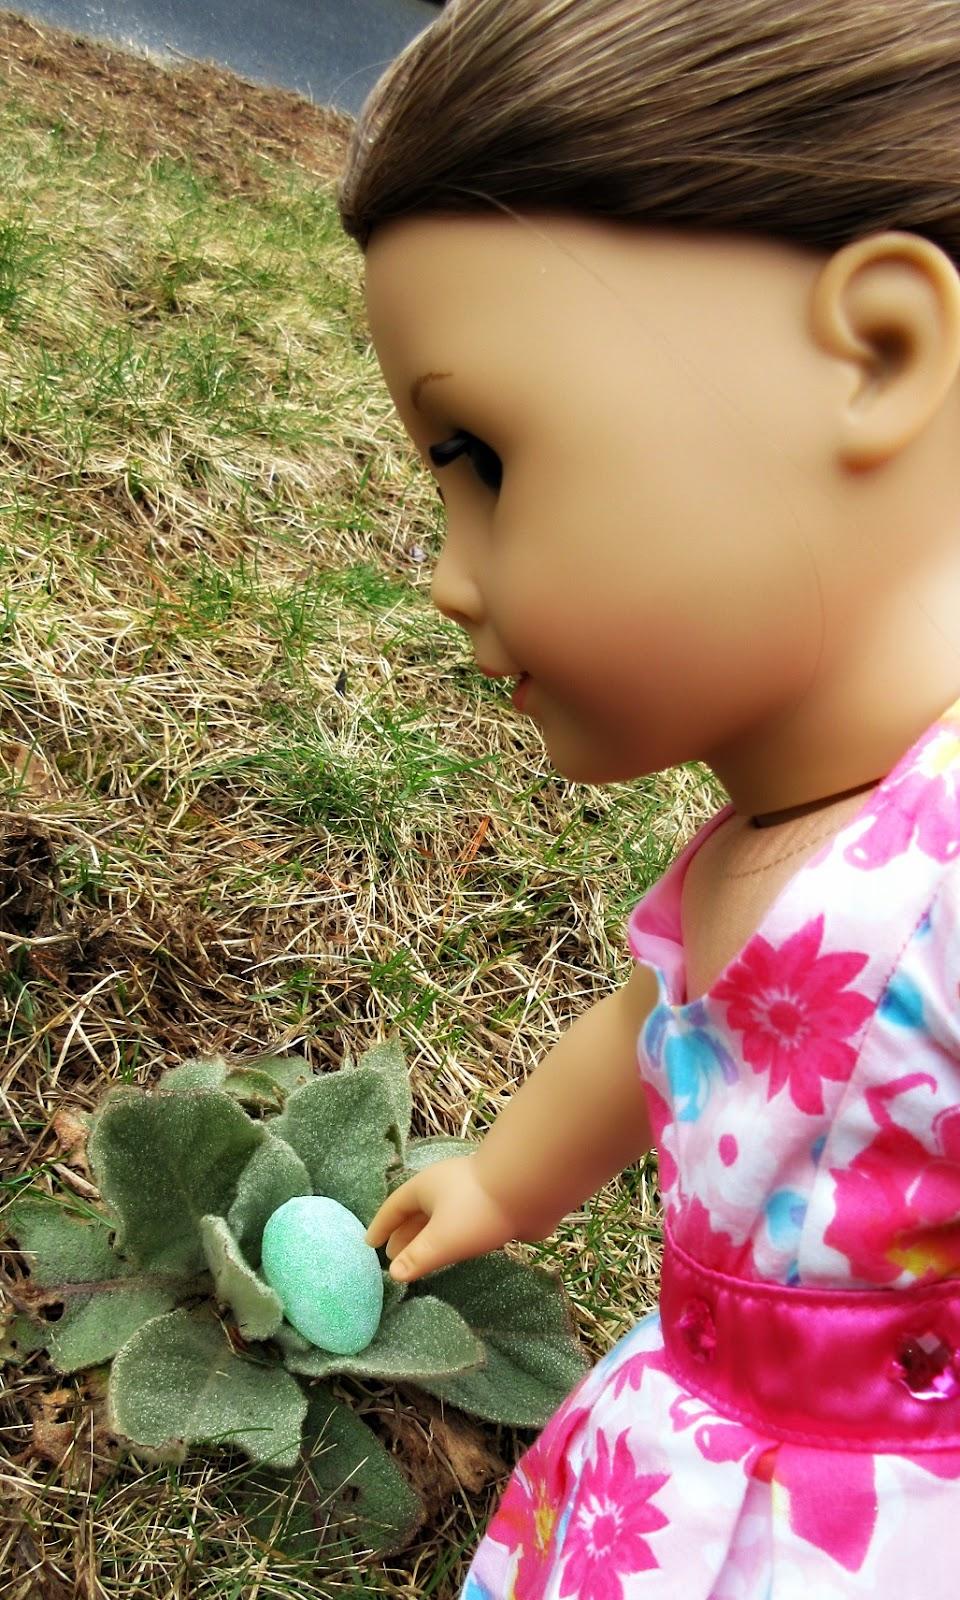 American girl doll Easter egg hunt.jpg